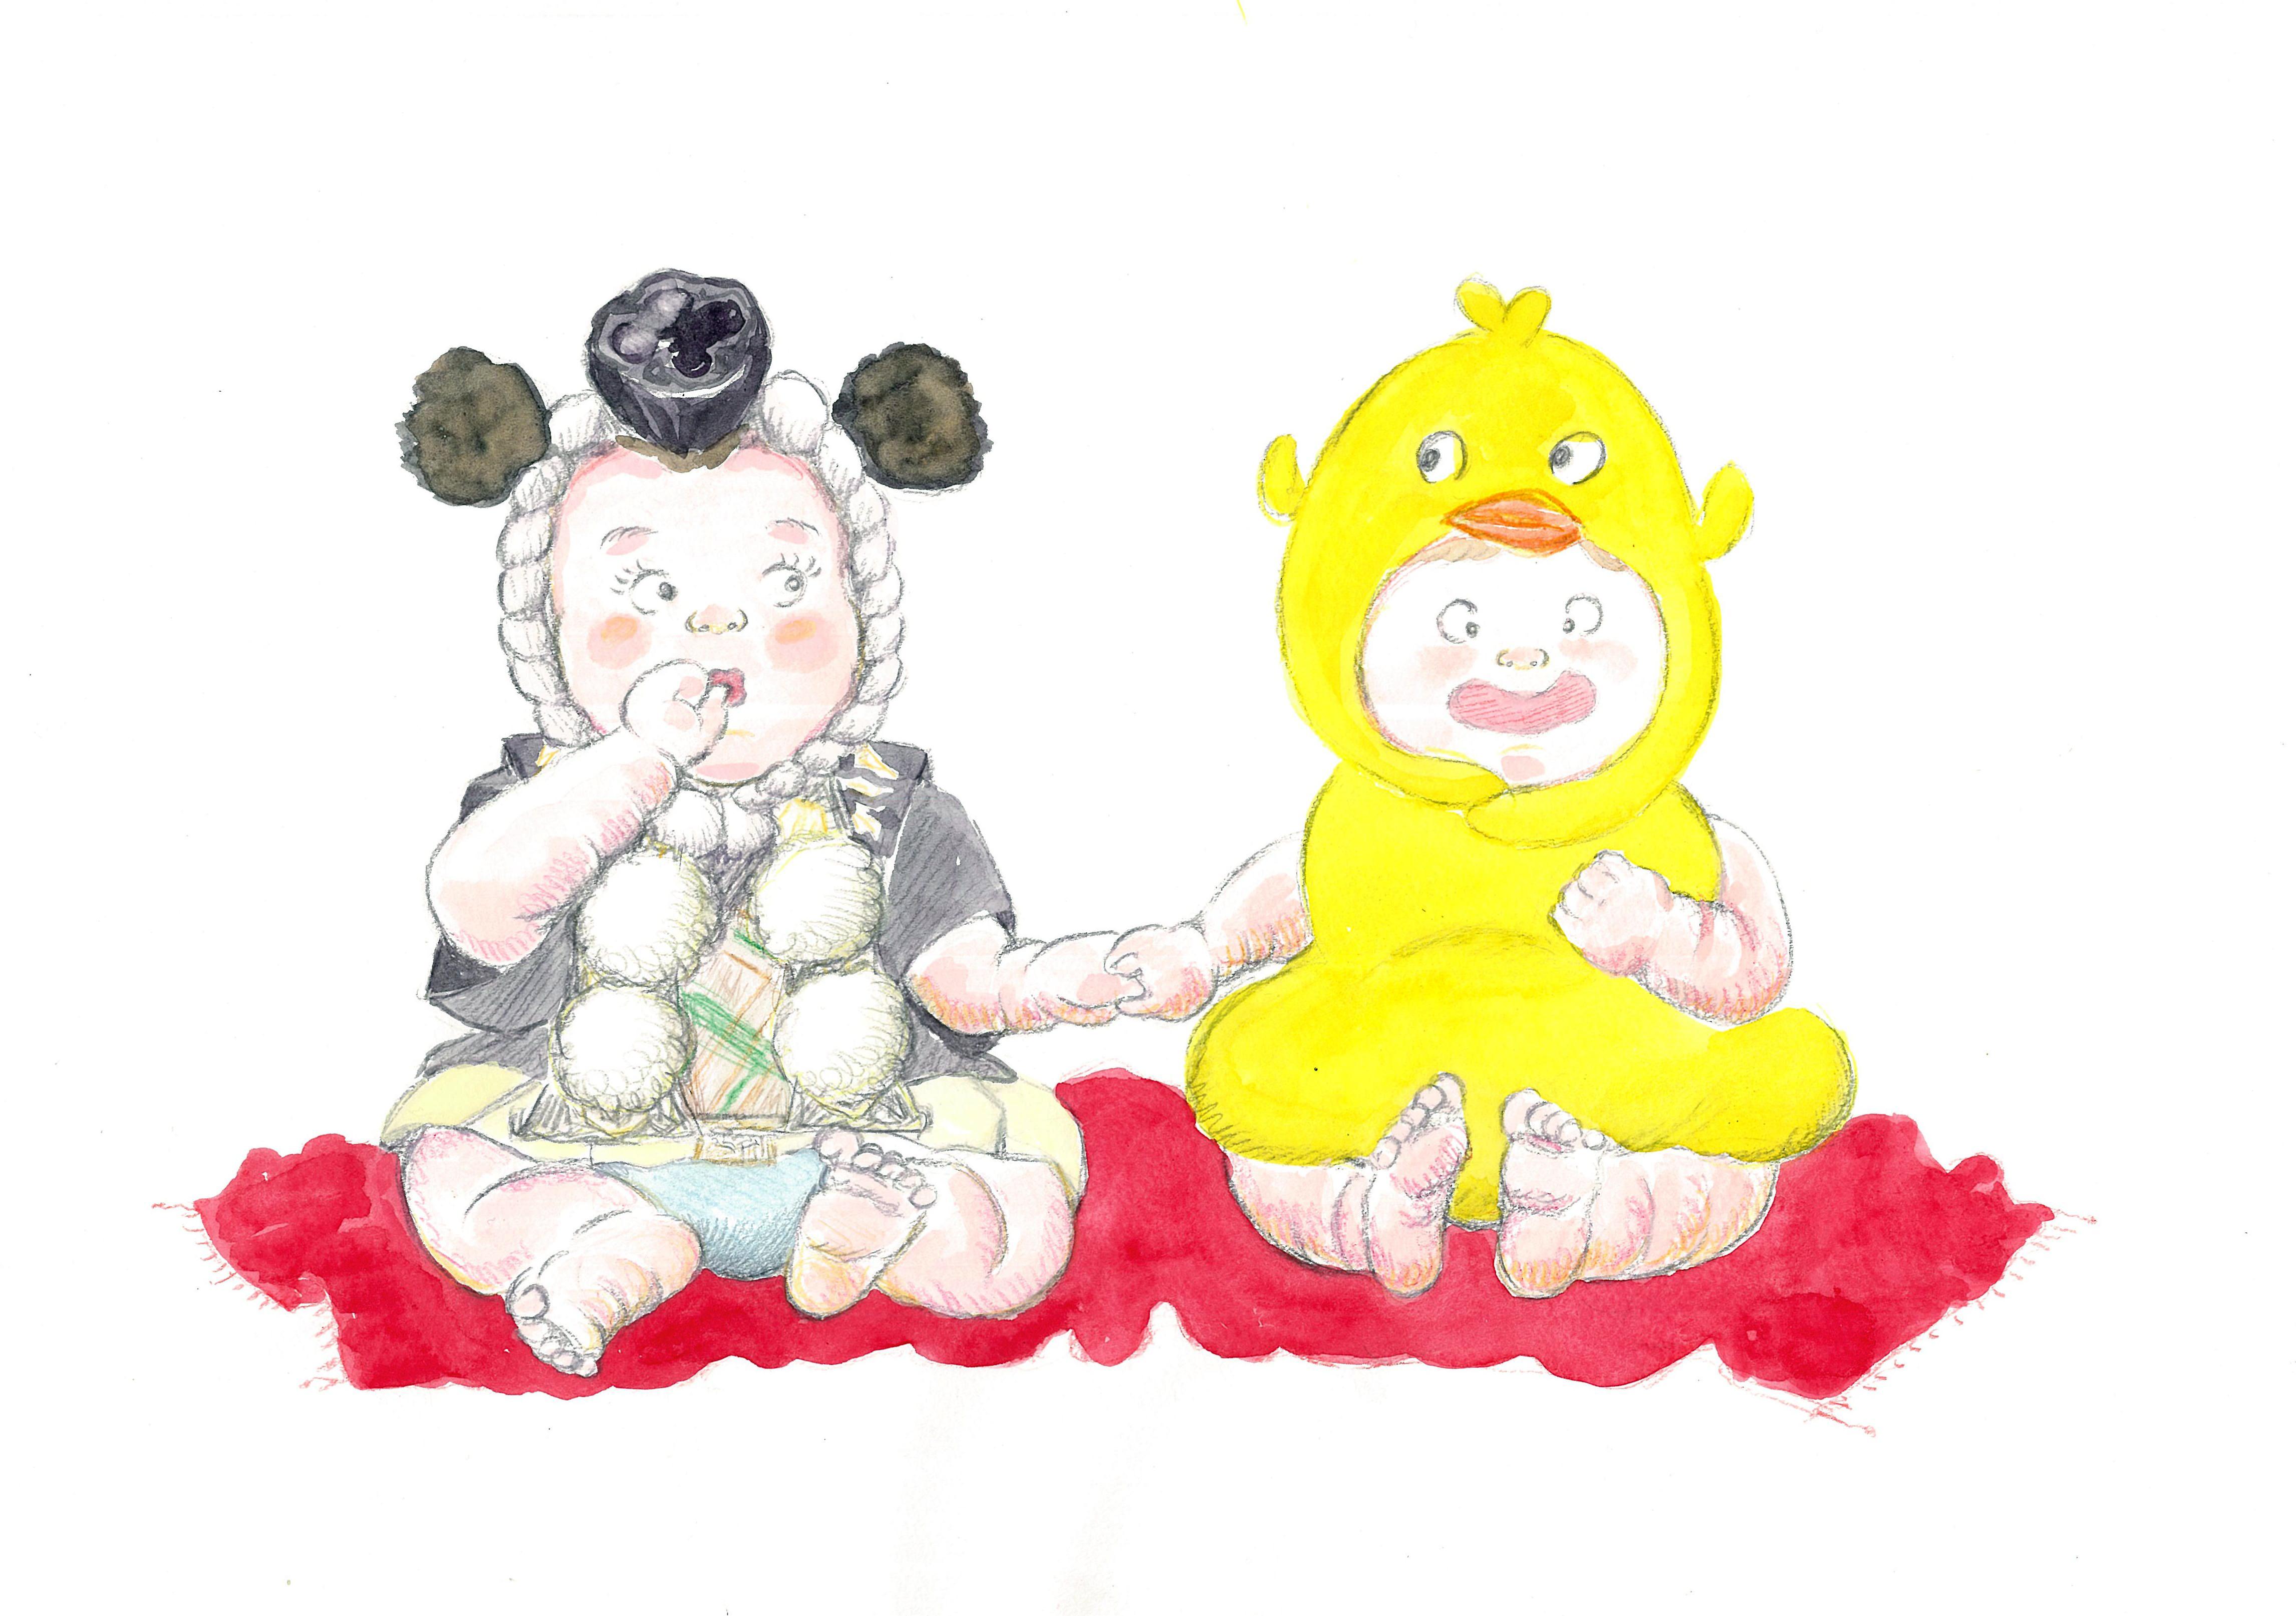 ベビーと一緒にはじめる歌舞伎・かぶこっこ 「歌舞伎の隈取を食べよう!」